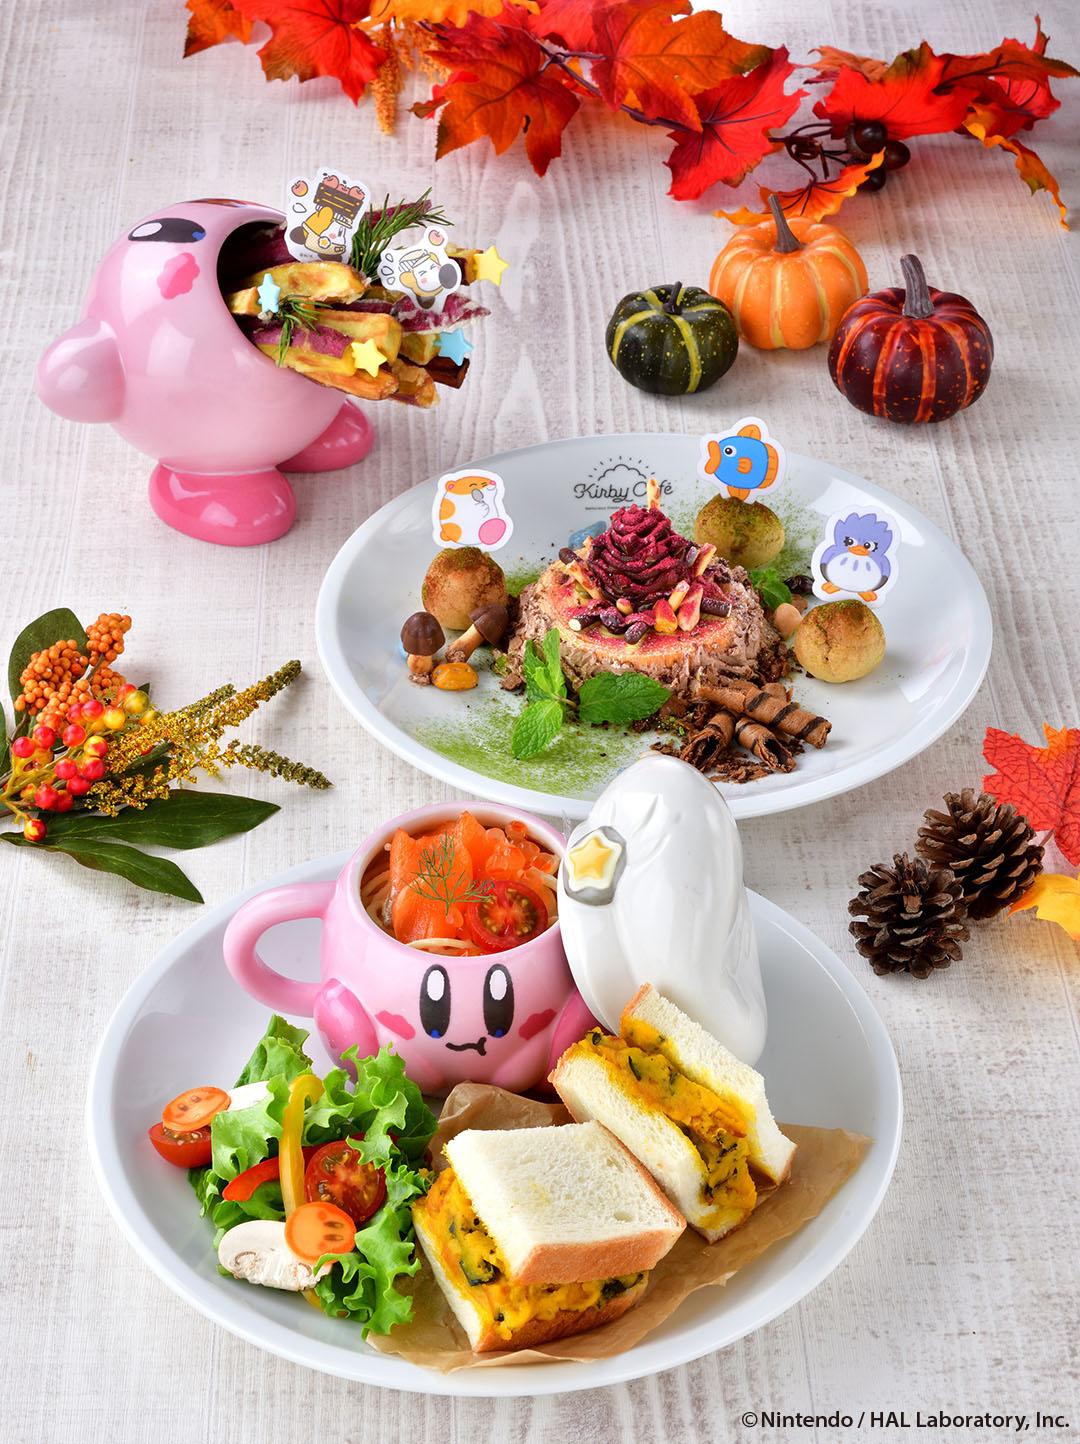 星のカービィ 秋の限定メニュー星之卡比咖啡廳 Kirby Cafe